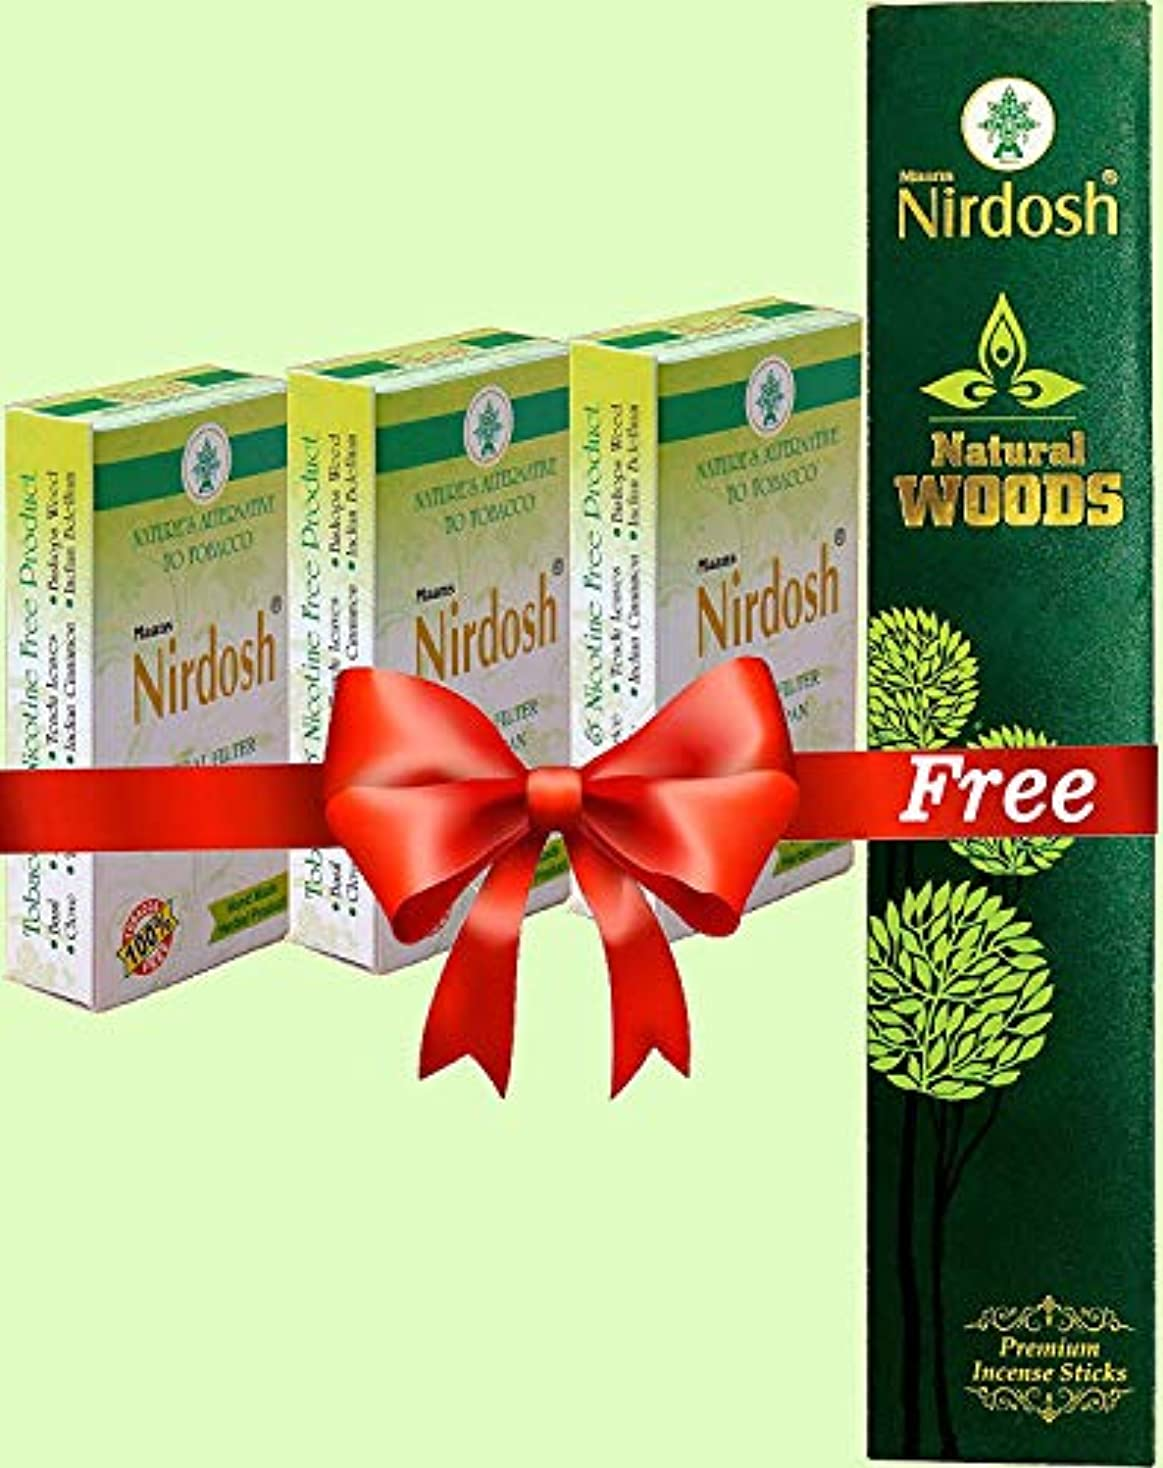 乱暴なコロニー吸収Nirdosh Herbal Dhoompan - Pack of 3x10 Sticks - Free Natural Woods Masala Incense Sticks 25g.